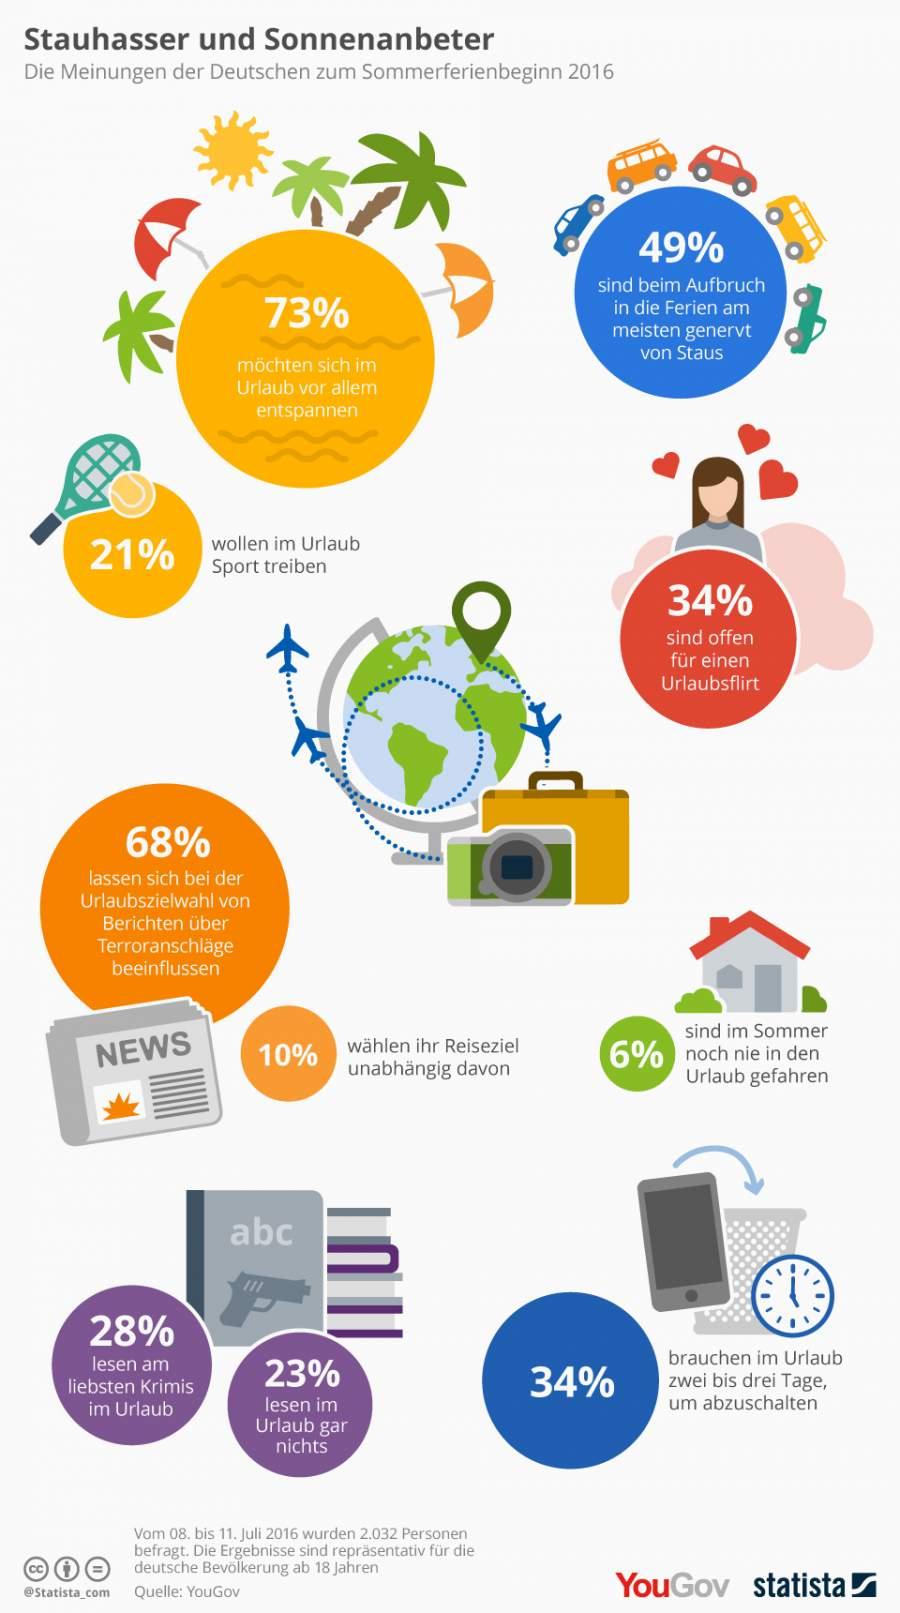 Infografik zum Thema Urlaub der Deutschen, die Meinungen der Deutschen zum Sommerferienbeginn 2016